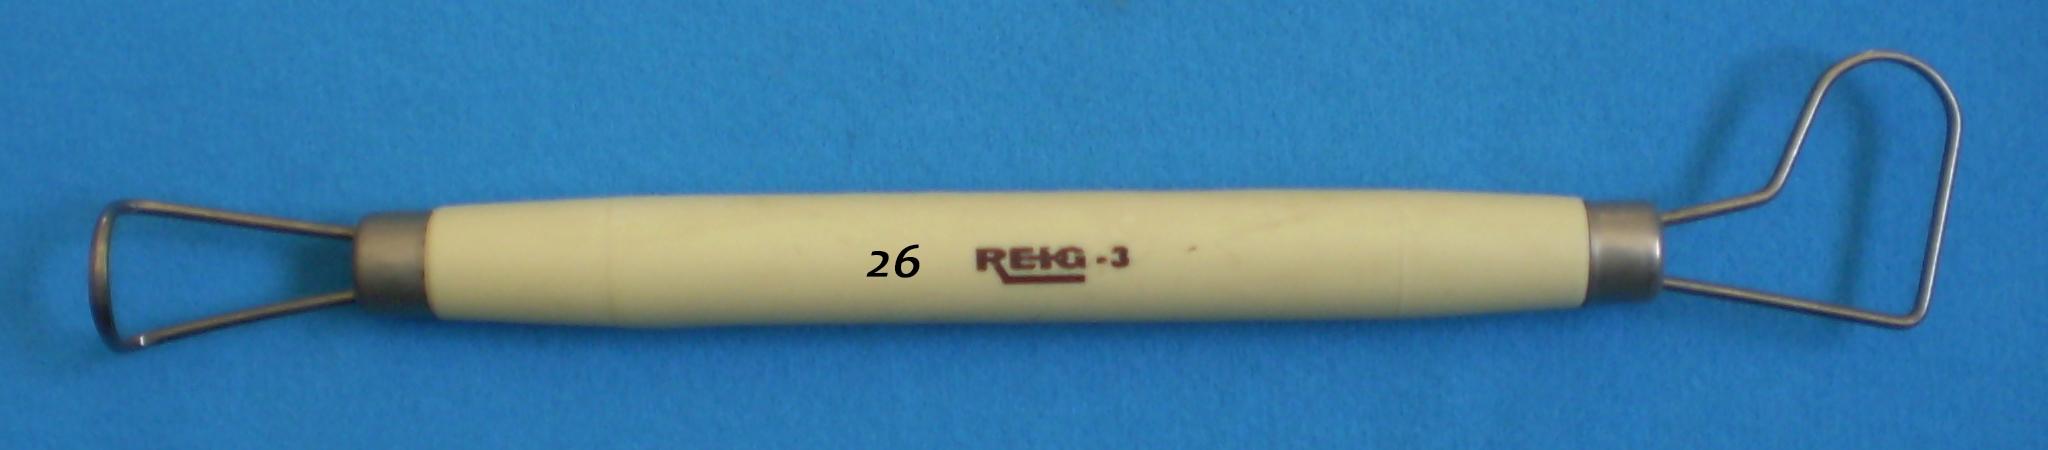 Vaciador nº 26